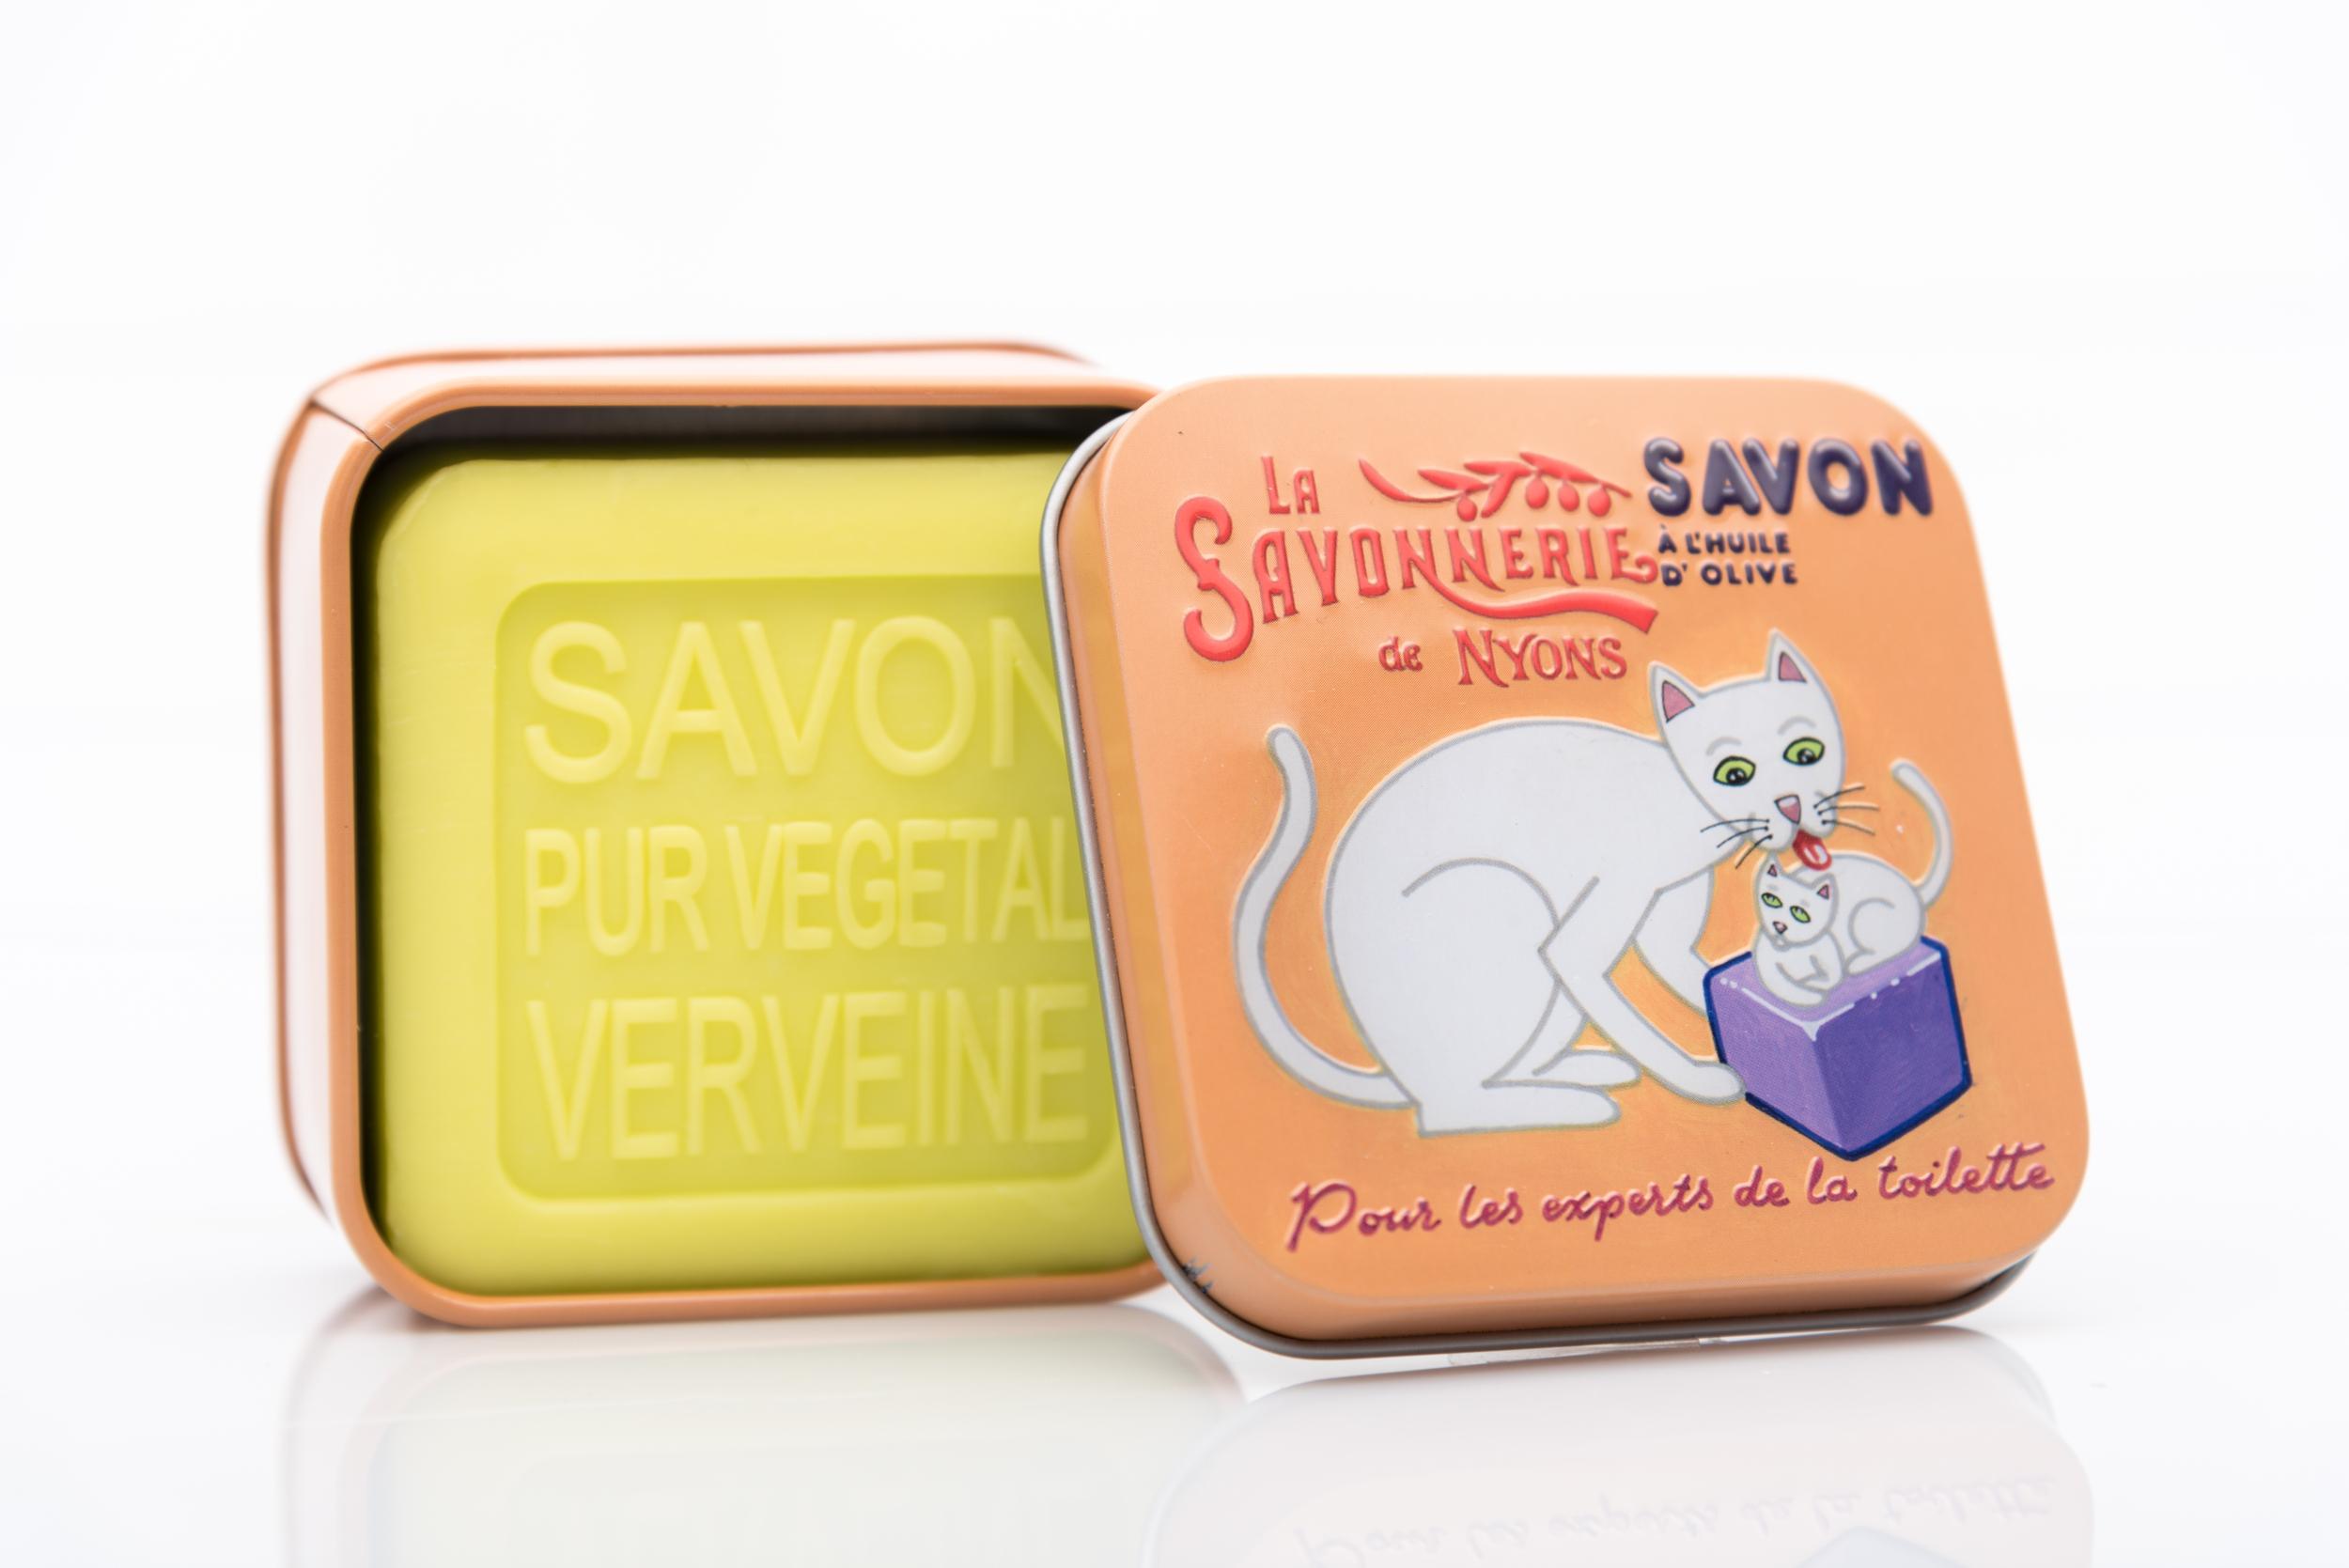 SAVON DE NYONS VEGETAL MADE IN FRANCE AVEC BOITE METALIQUE MODELE 33 A LA VERVEINE